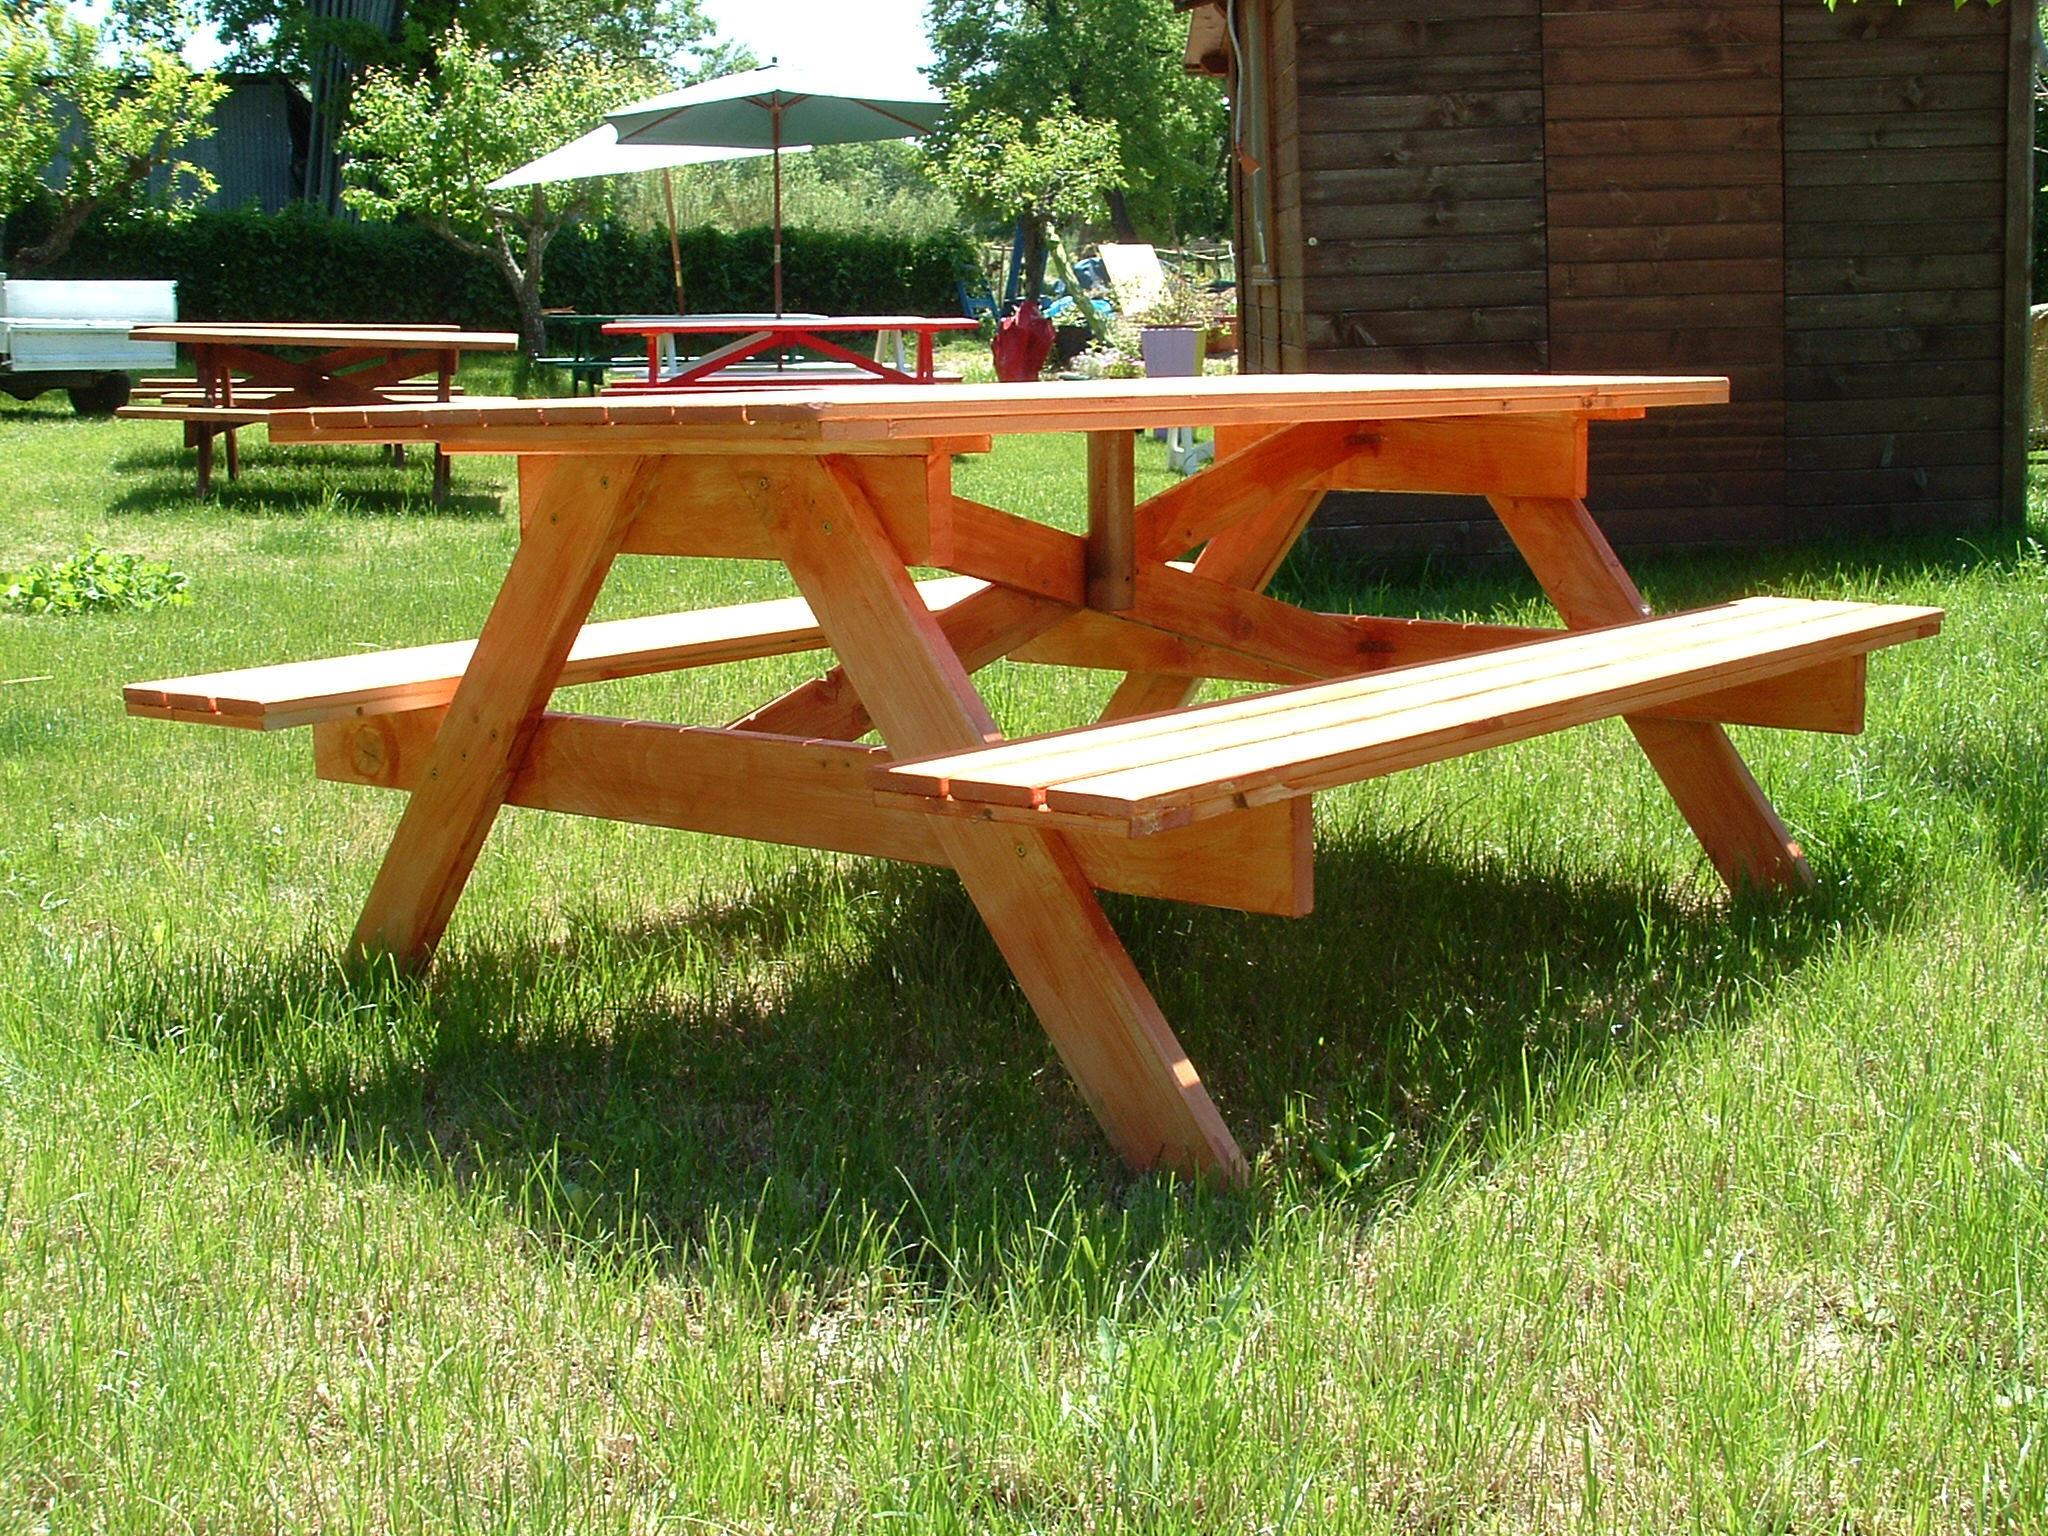 Tavoli per l 39 esterno in legno tavolo mod holiday - Tavoli per esterno in legno ...